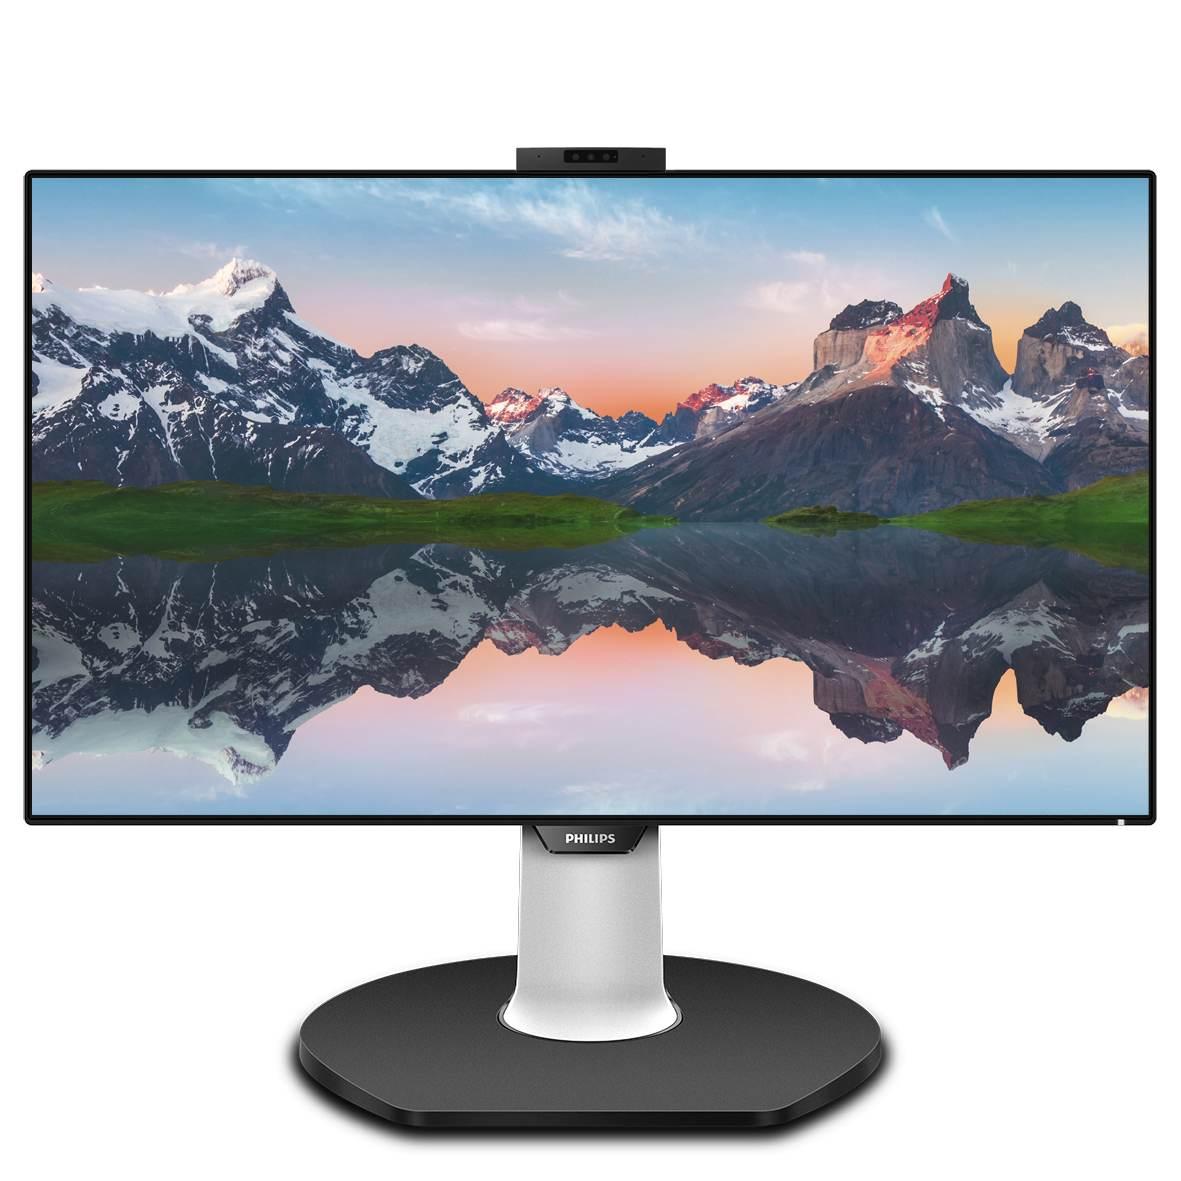 329P9H – dieser effizienzsteigernde 80 cm (31,5 Zoll) große Monitor (16:9) bietet einen 4-seitig rahmenlosen Flachbildschirm mit Ultraclear-Bildern in 4K-UHD-Auflösung (3.840 x 2.160 Pixel). Ausgestattet mit einem KVM-Switch bietet dieser Monitor dem Benutzer auch die Leistung und Konnektivität des USB-C-Docking, den Komfort und die Sicherheit der Windows Hello-Popup-Webcam und die energiesparende Effizienz des Powersensors. Abbildung: Philips